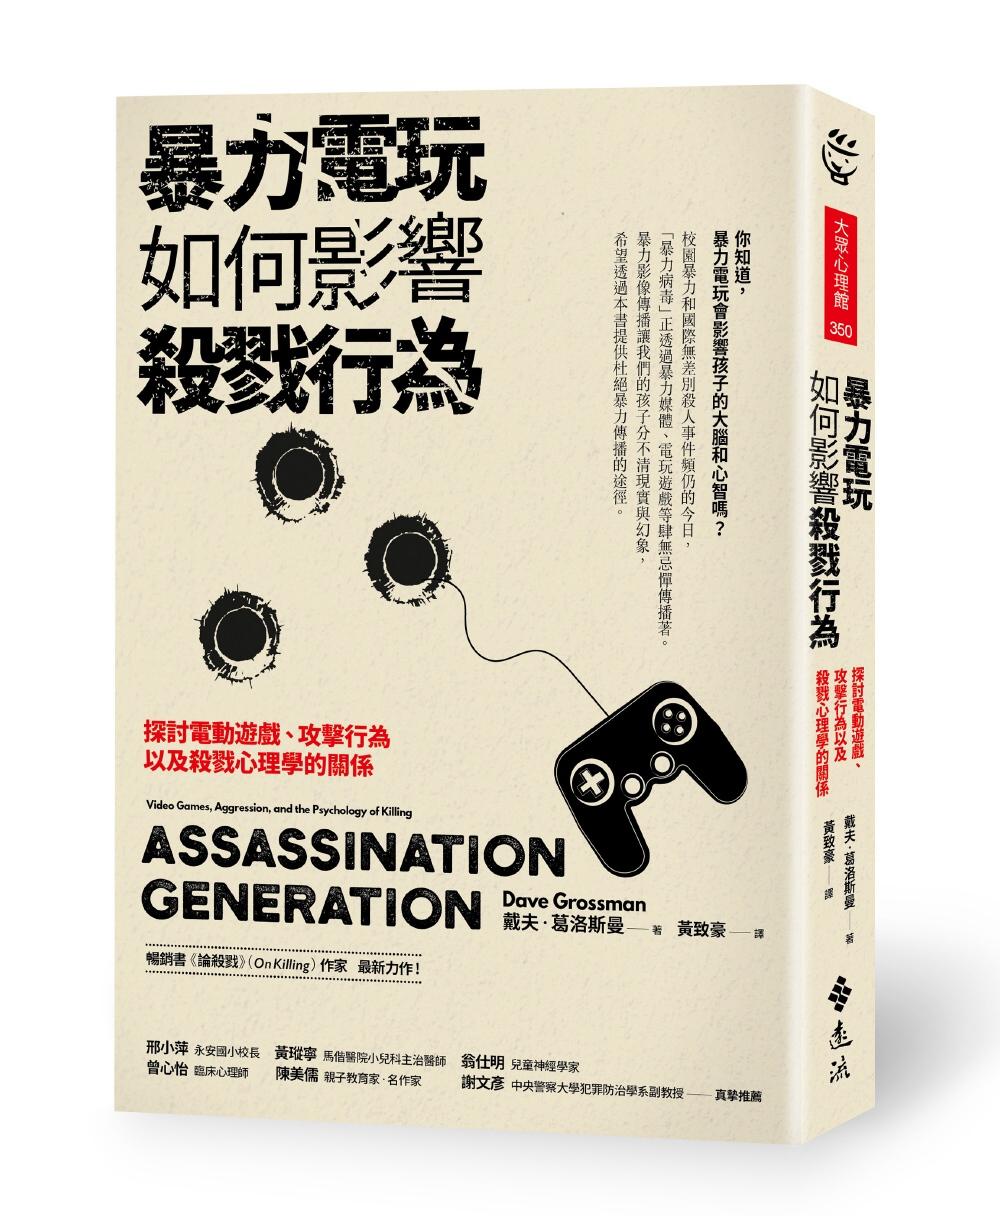 ◤博客來BOOKS◢ 暢銷書榜《推薦》暴力電玩如何影響殺戮行為:探討電動遊戲、攻擊行為以及殺戮心理學的關係